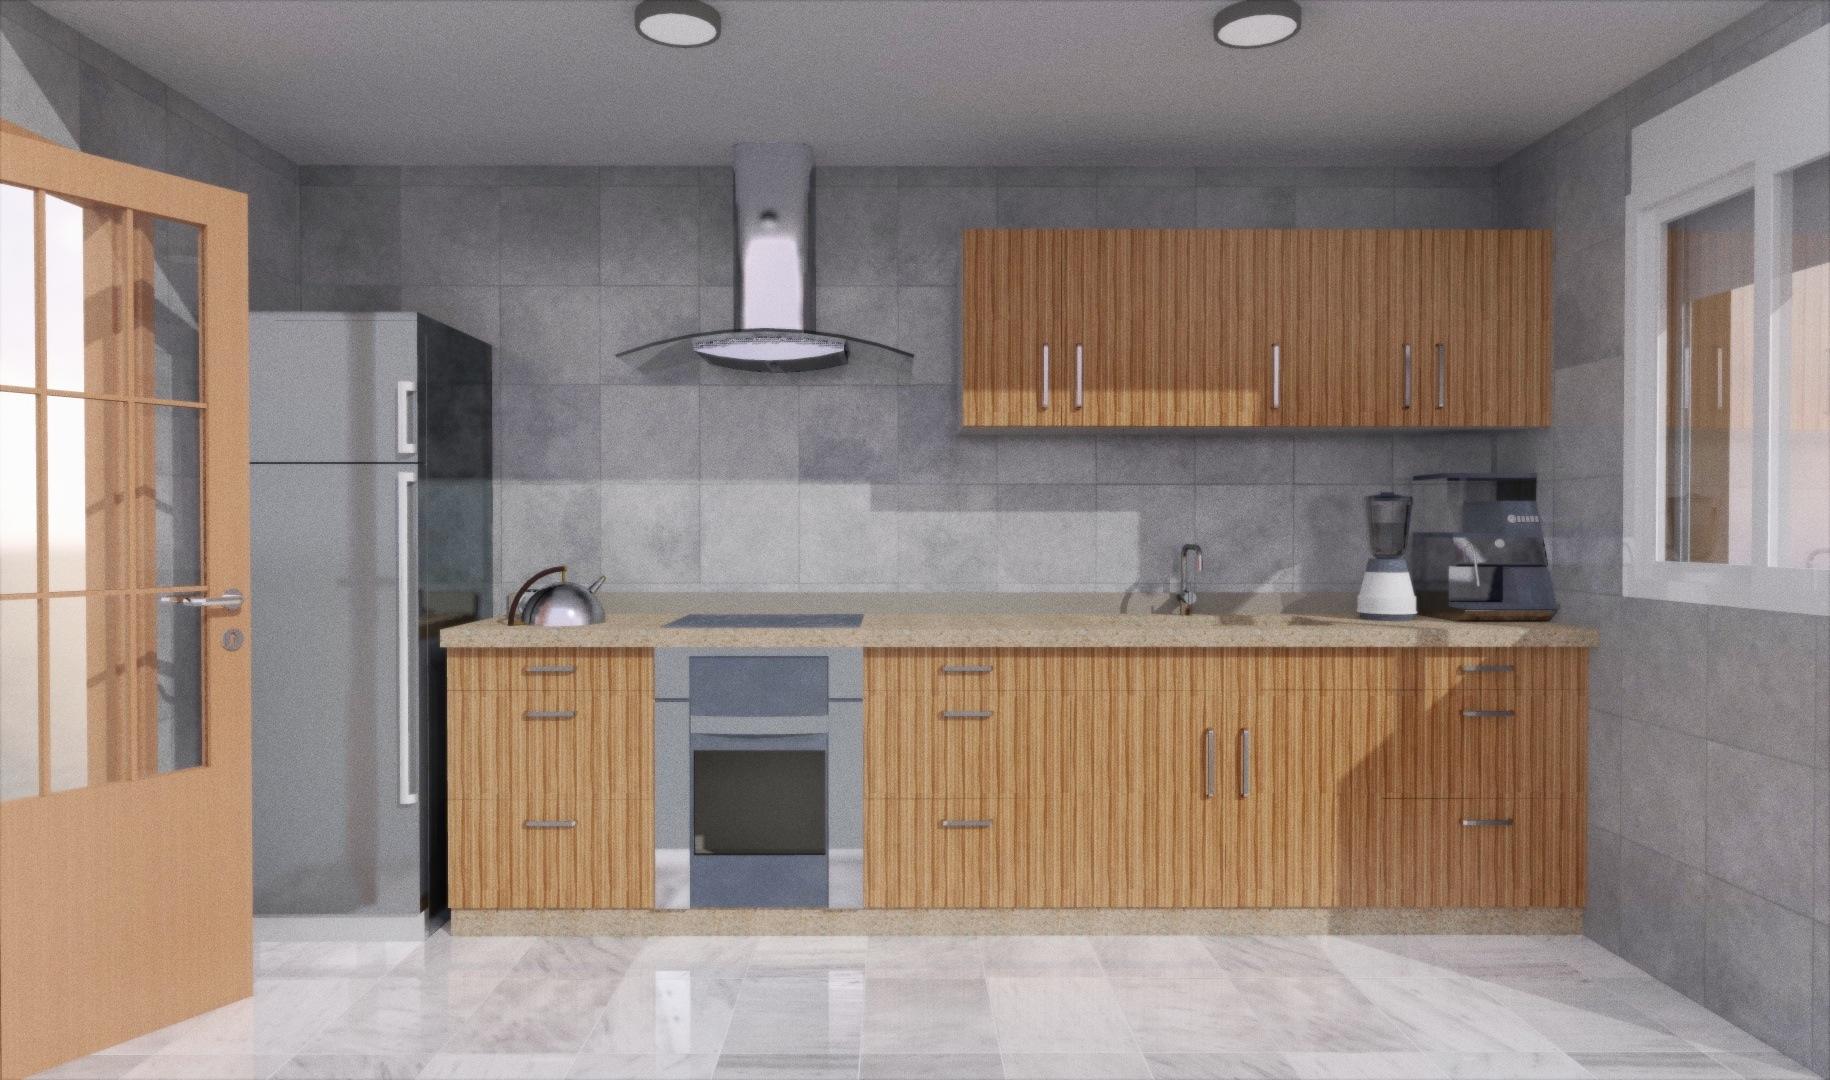 Cuanto mide una cocina garquitectos - Dibujos de cocina ...